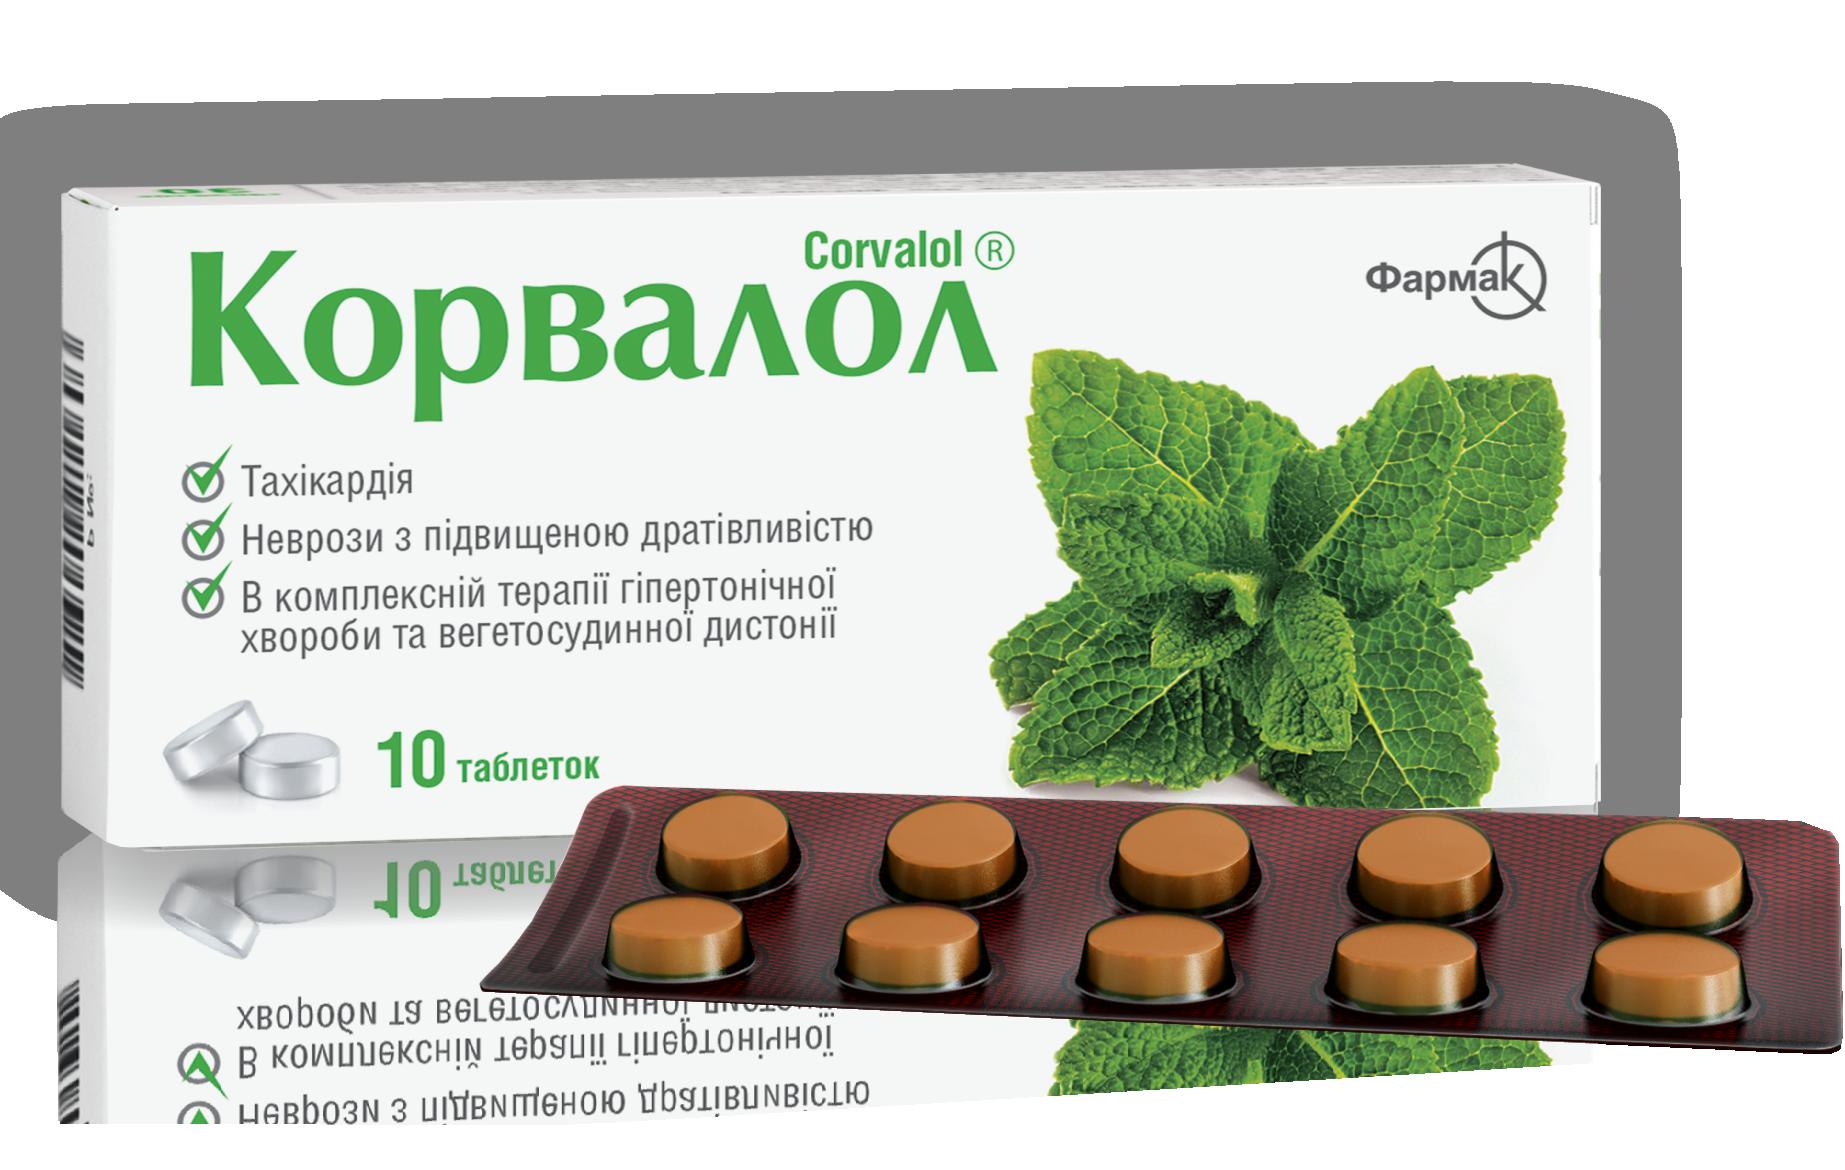 magas vérnyomás esetén a Corvalol szedhető)